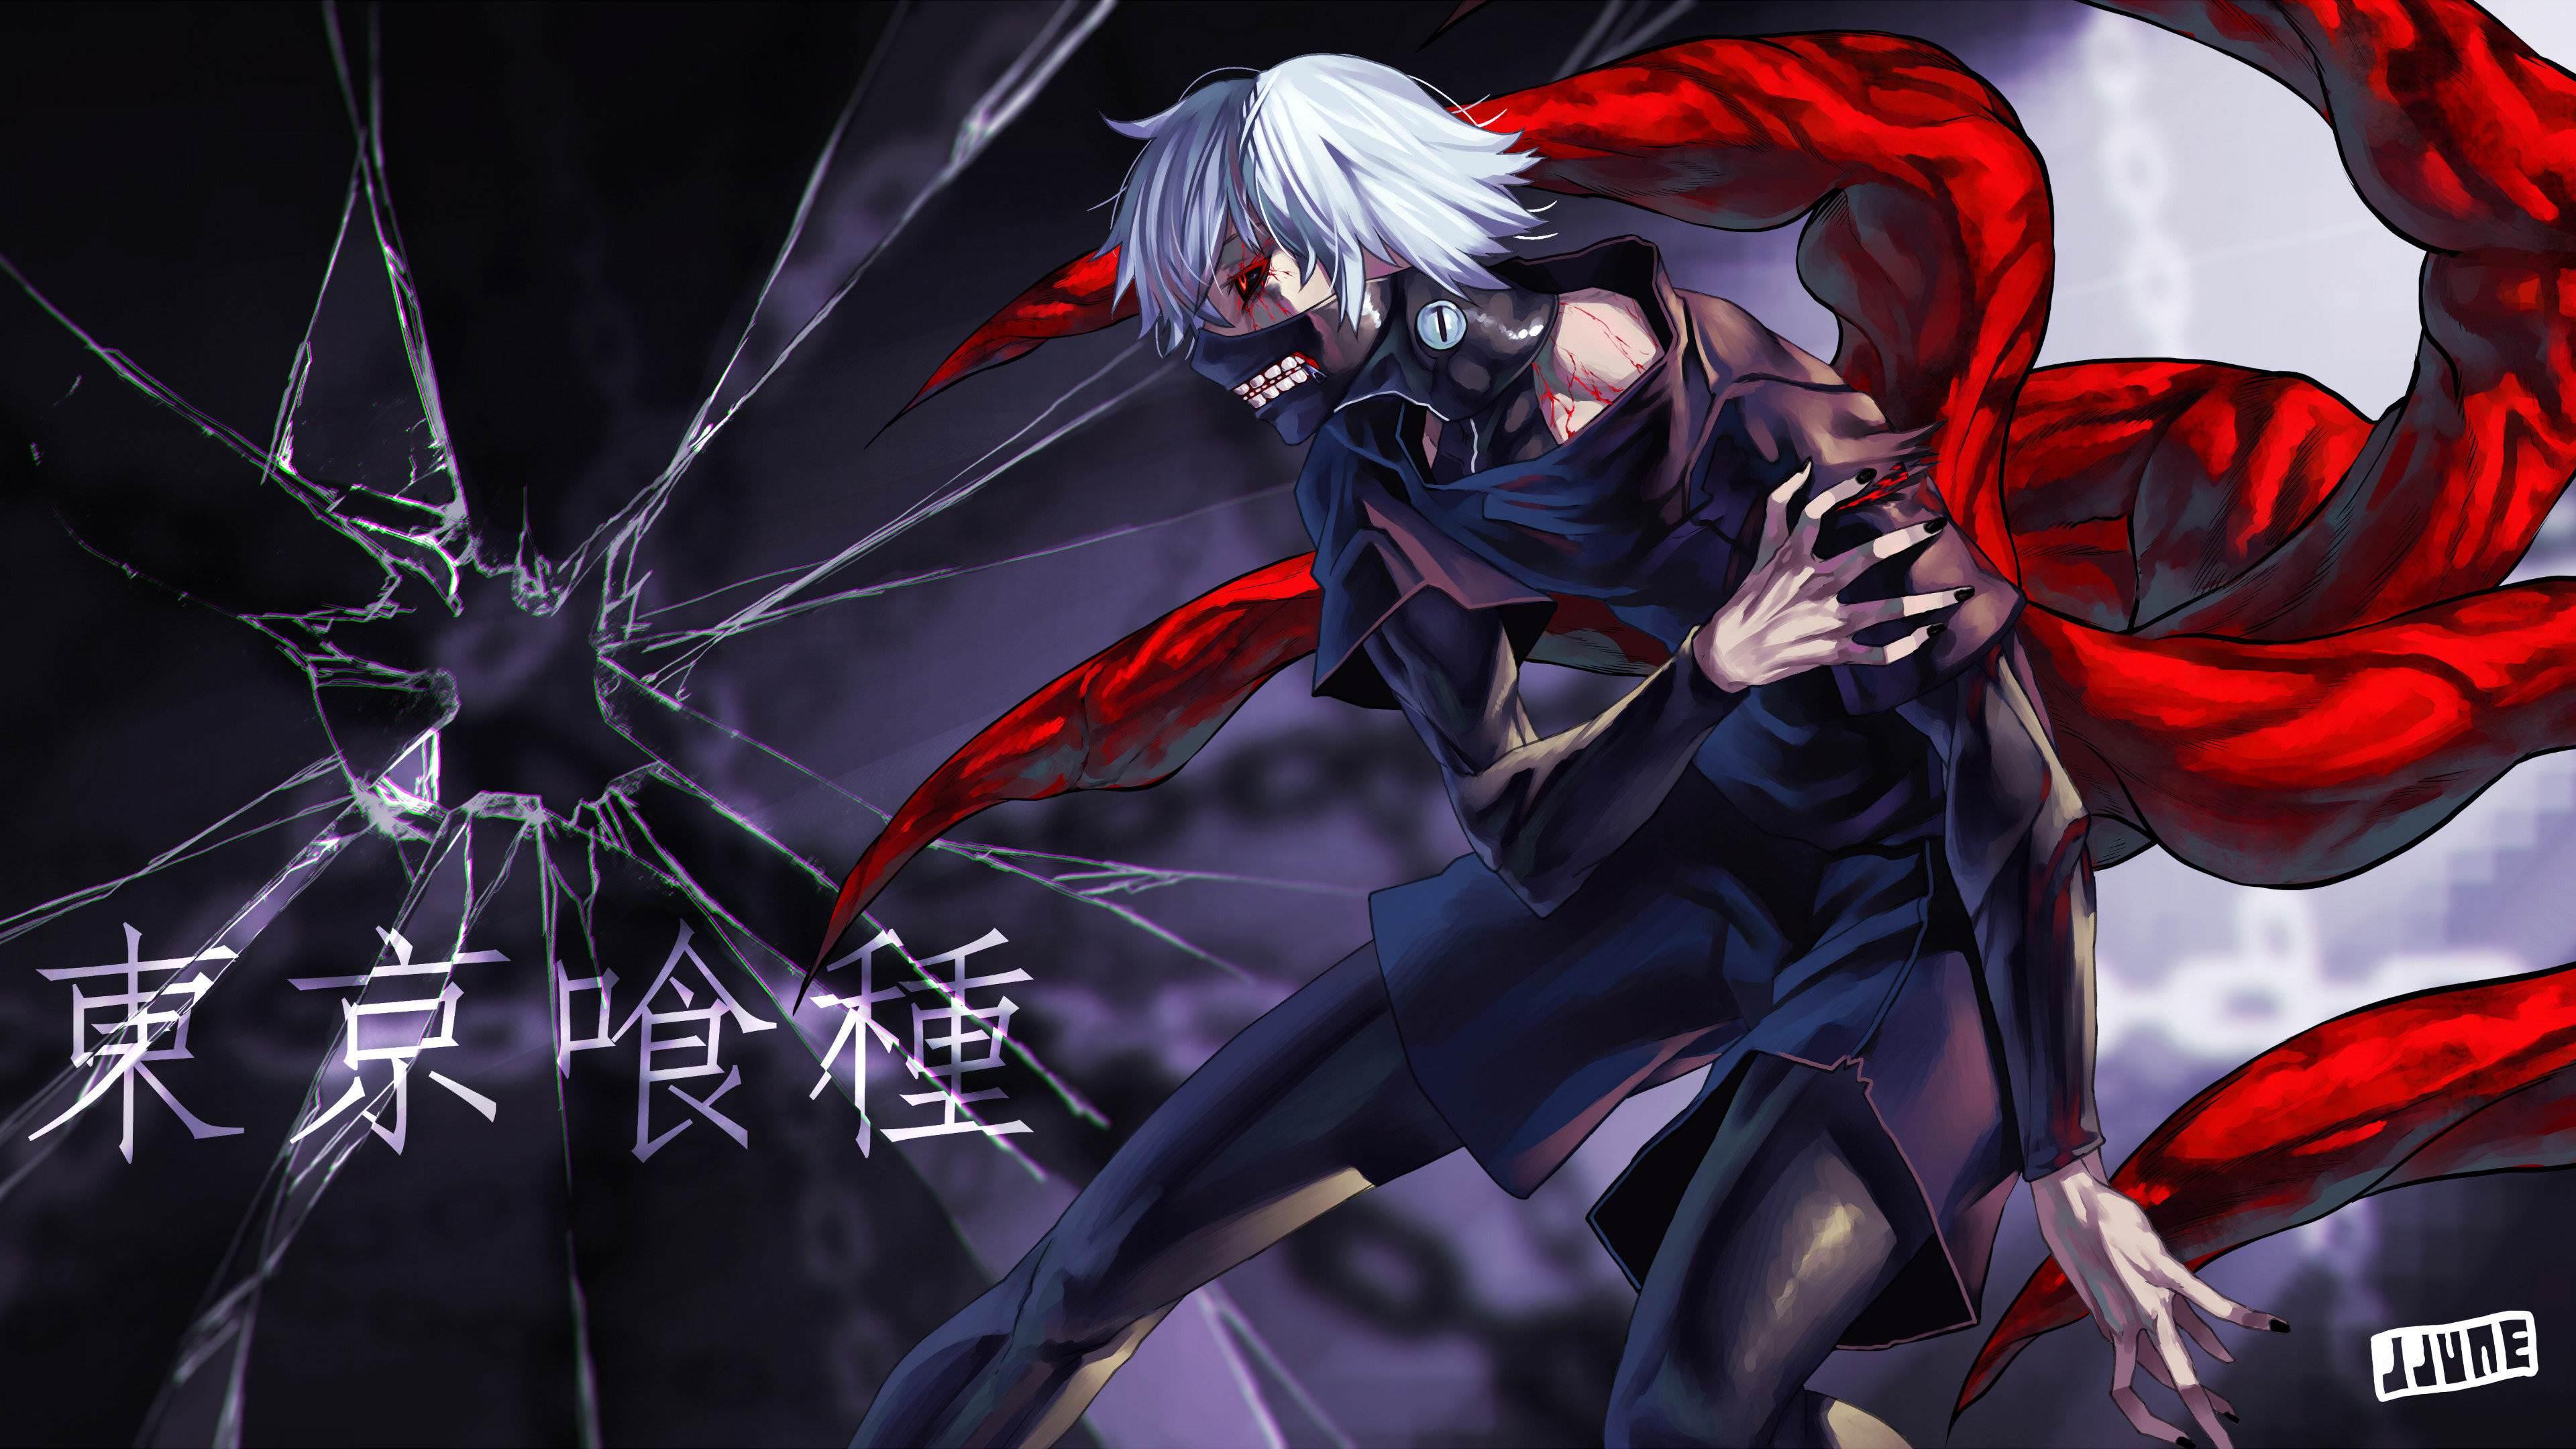 Unduh 600 Wallpaper Anime Keren 4k Hd HD Paling Baru